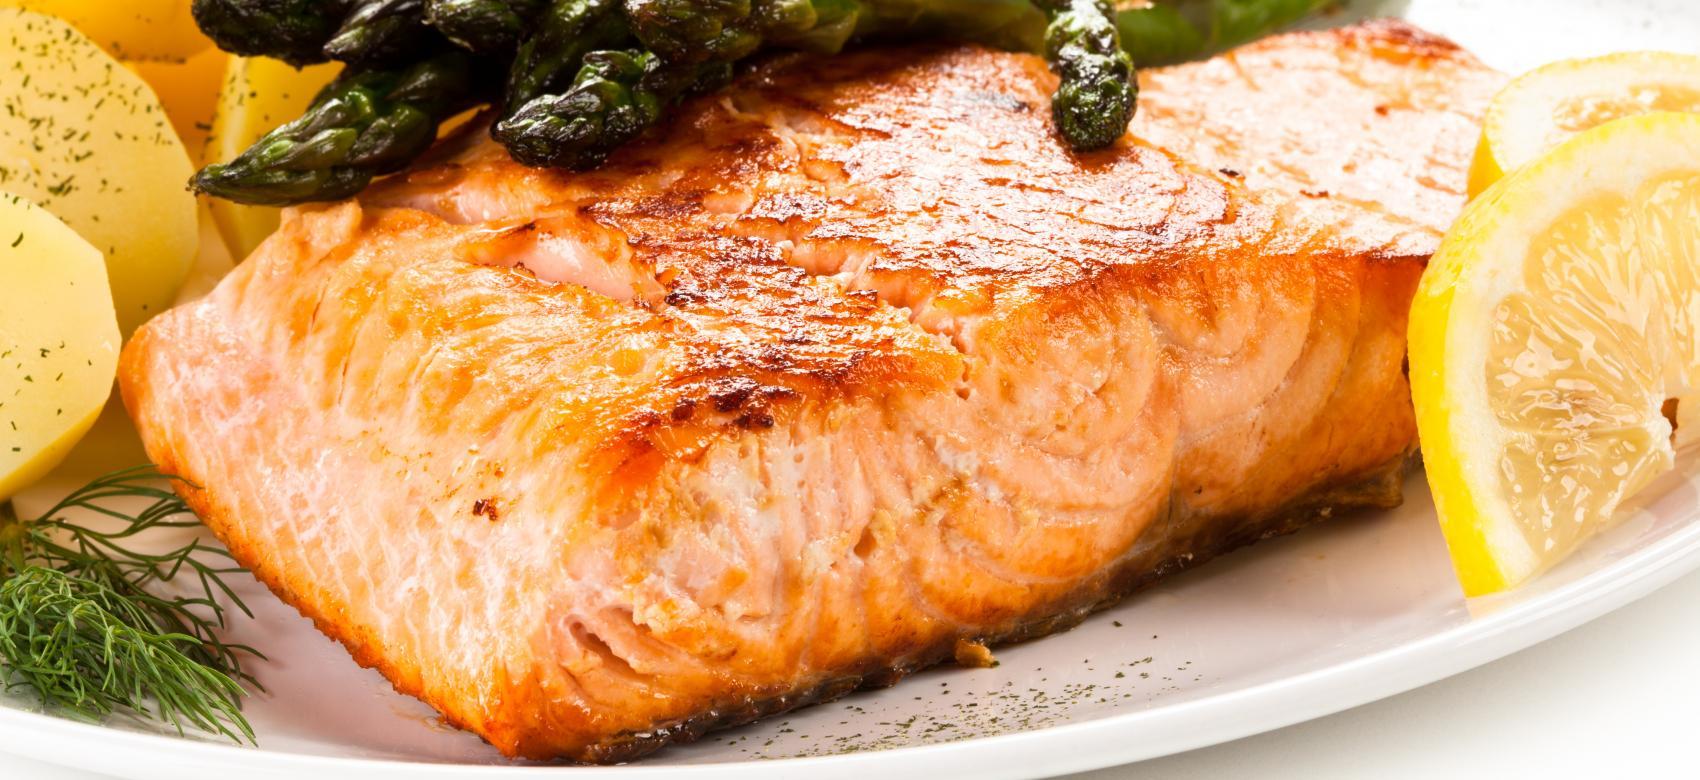 plato con salmón, espárragos y patata cocida